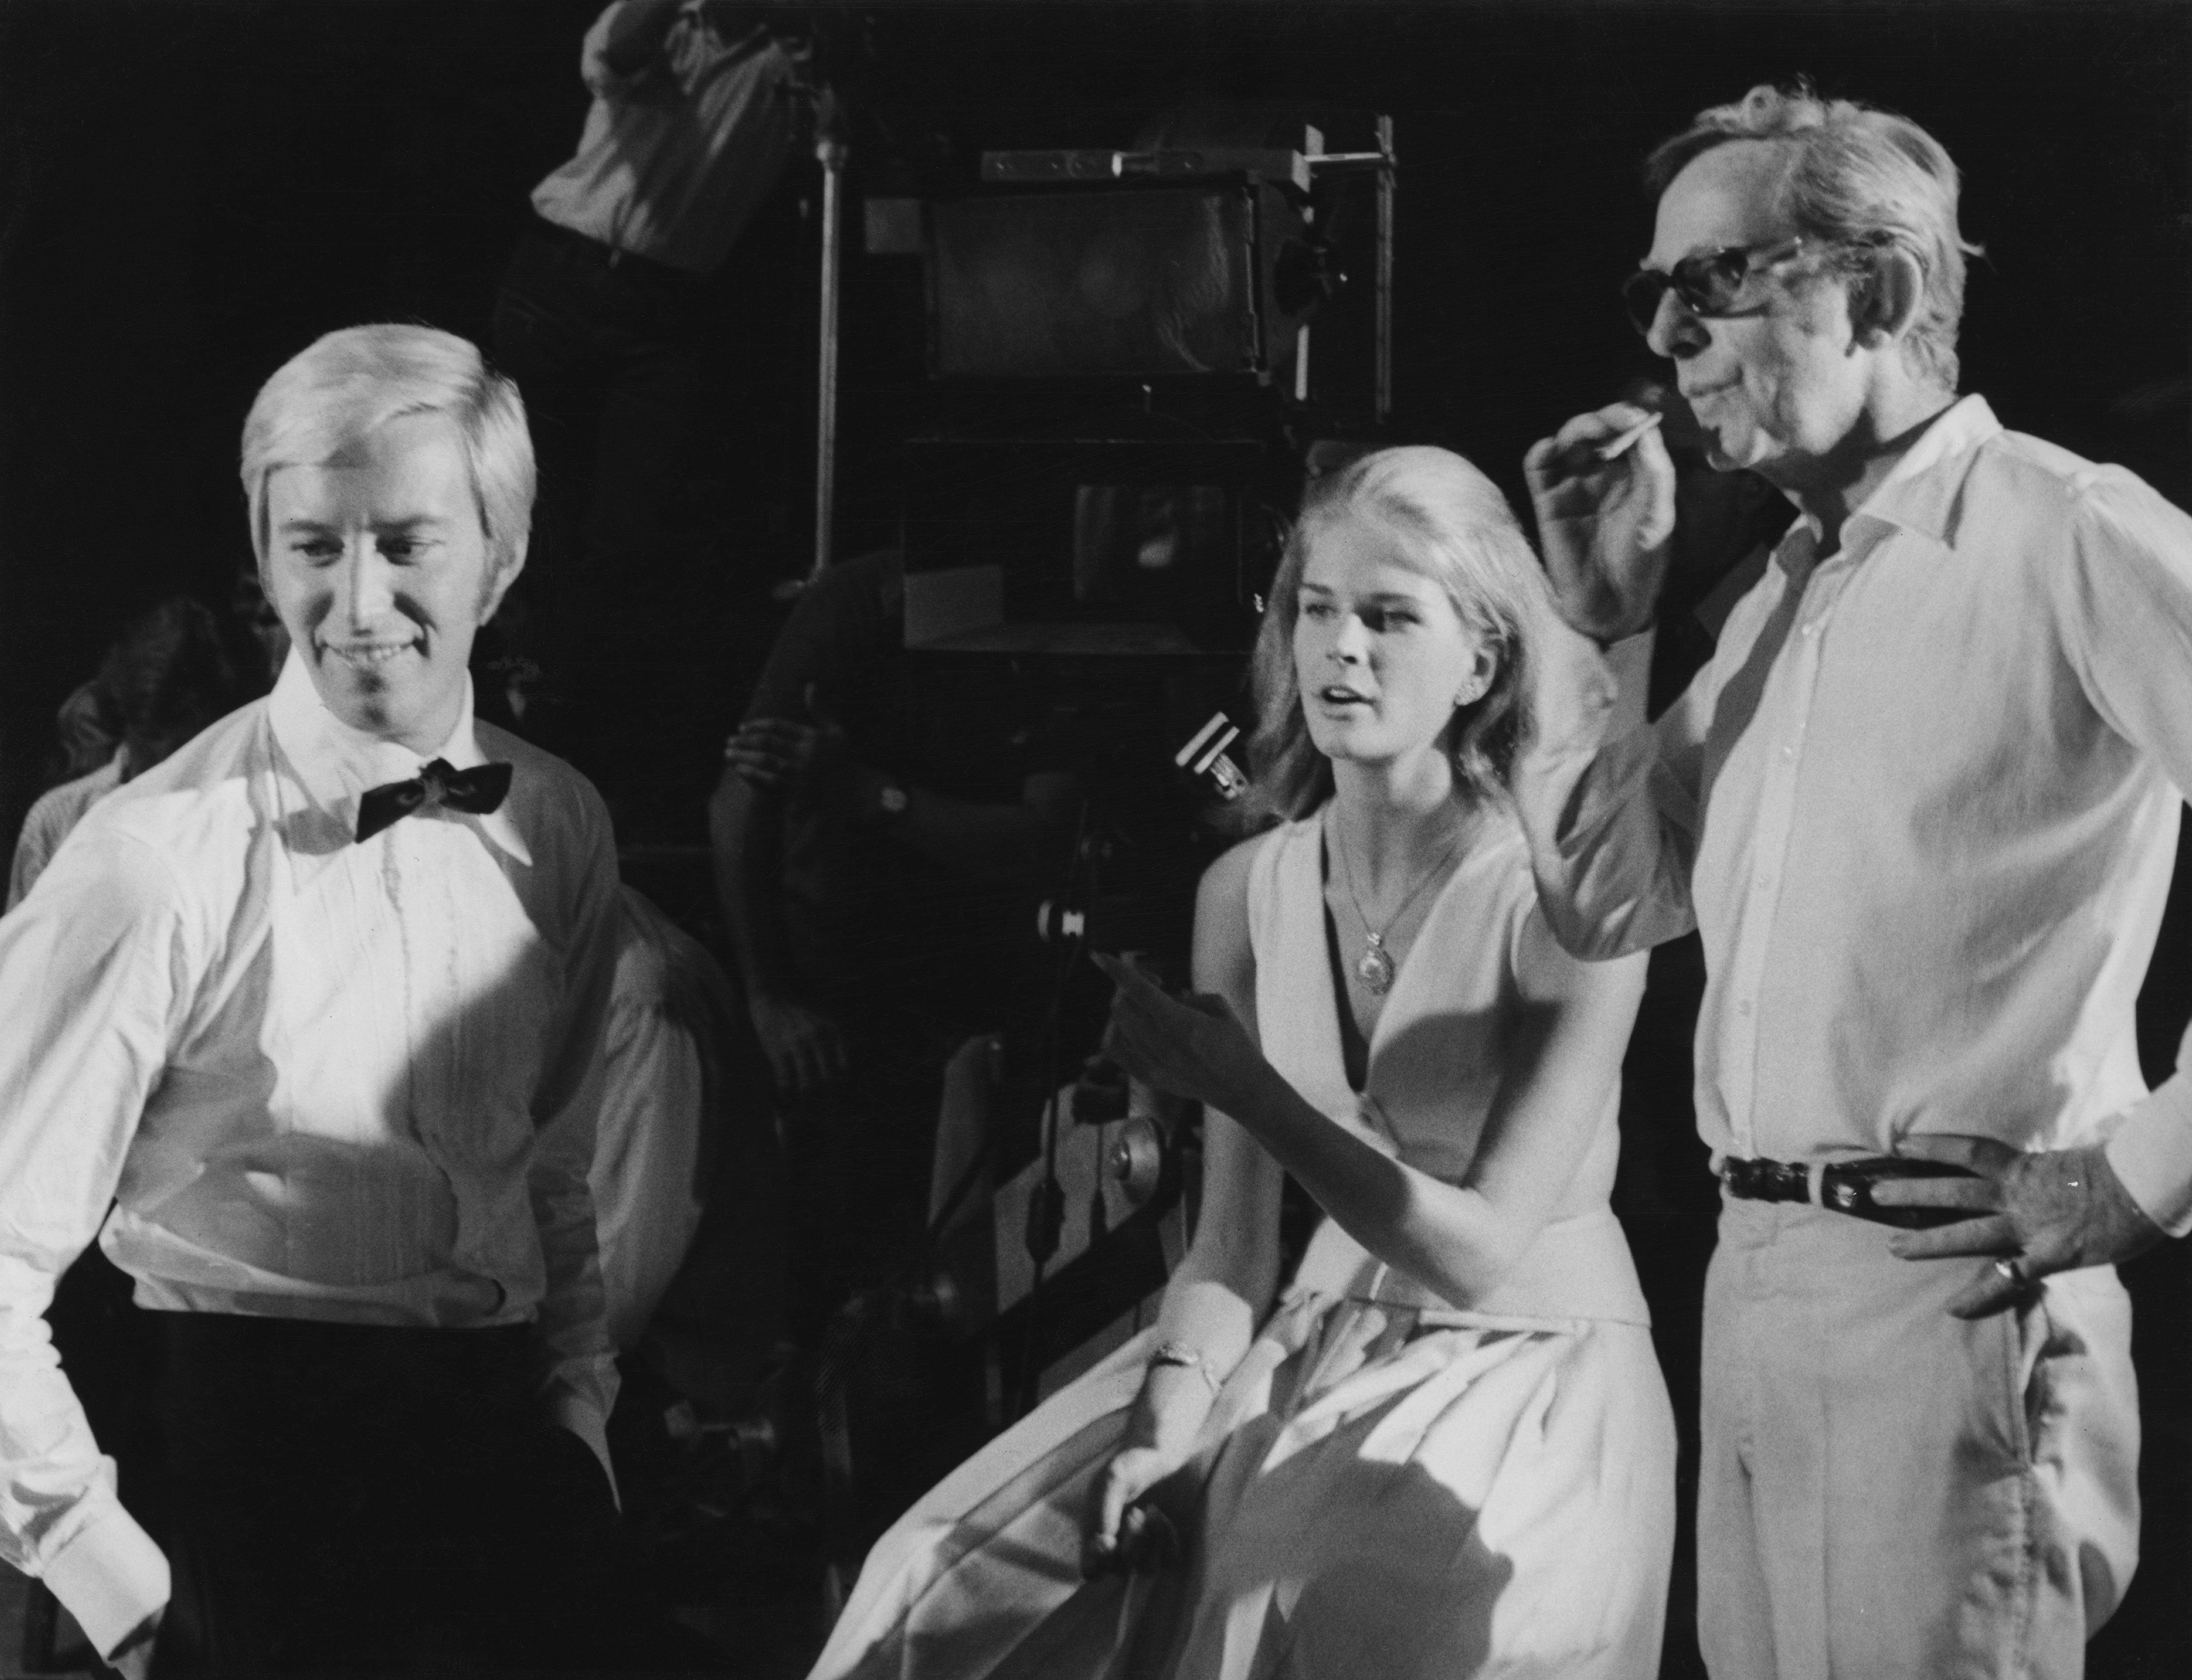 Πέθανε πλήρης ημερών ο σκηνοθέτης Lewis Gilbert, των ταινιών του James Bond, του Alfie και του Εκπαιδεύοντας τη